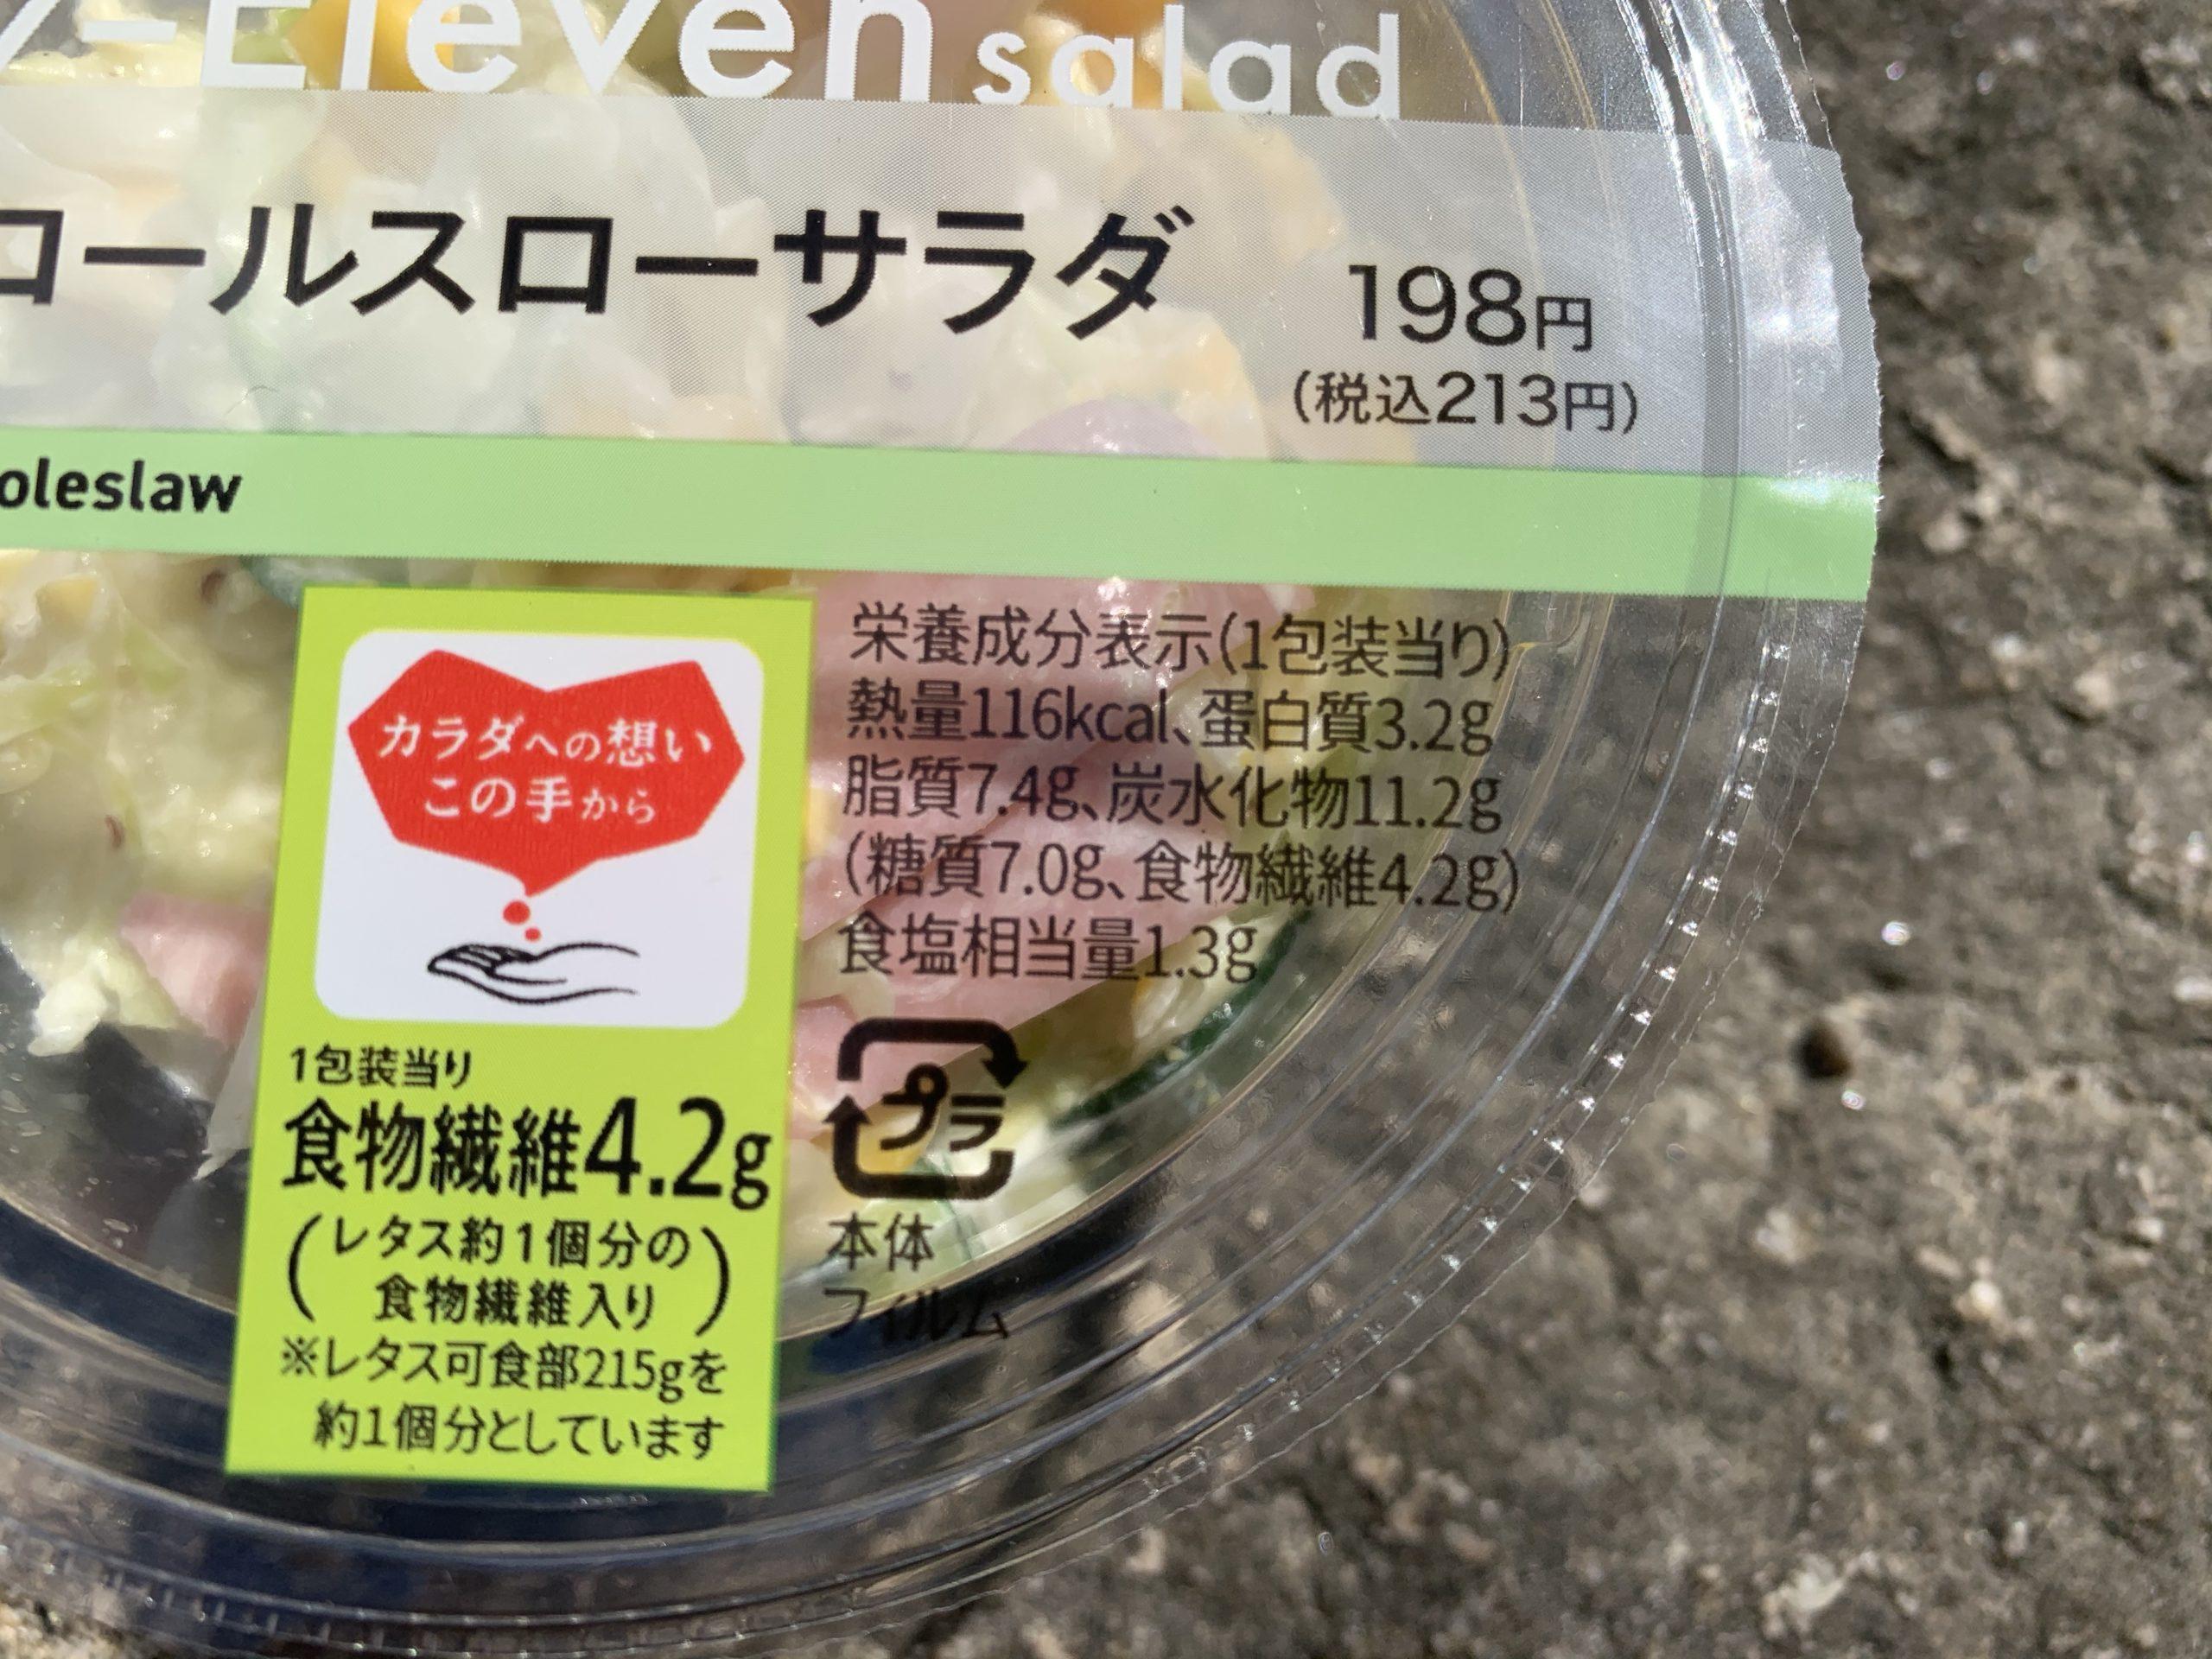 コールスローサラダの栄養成分